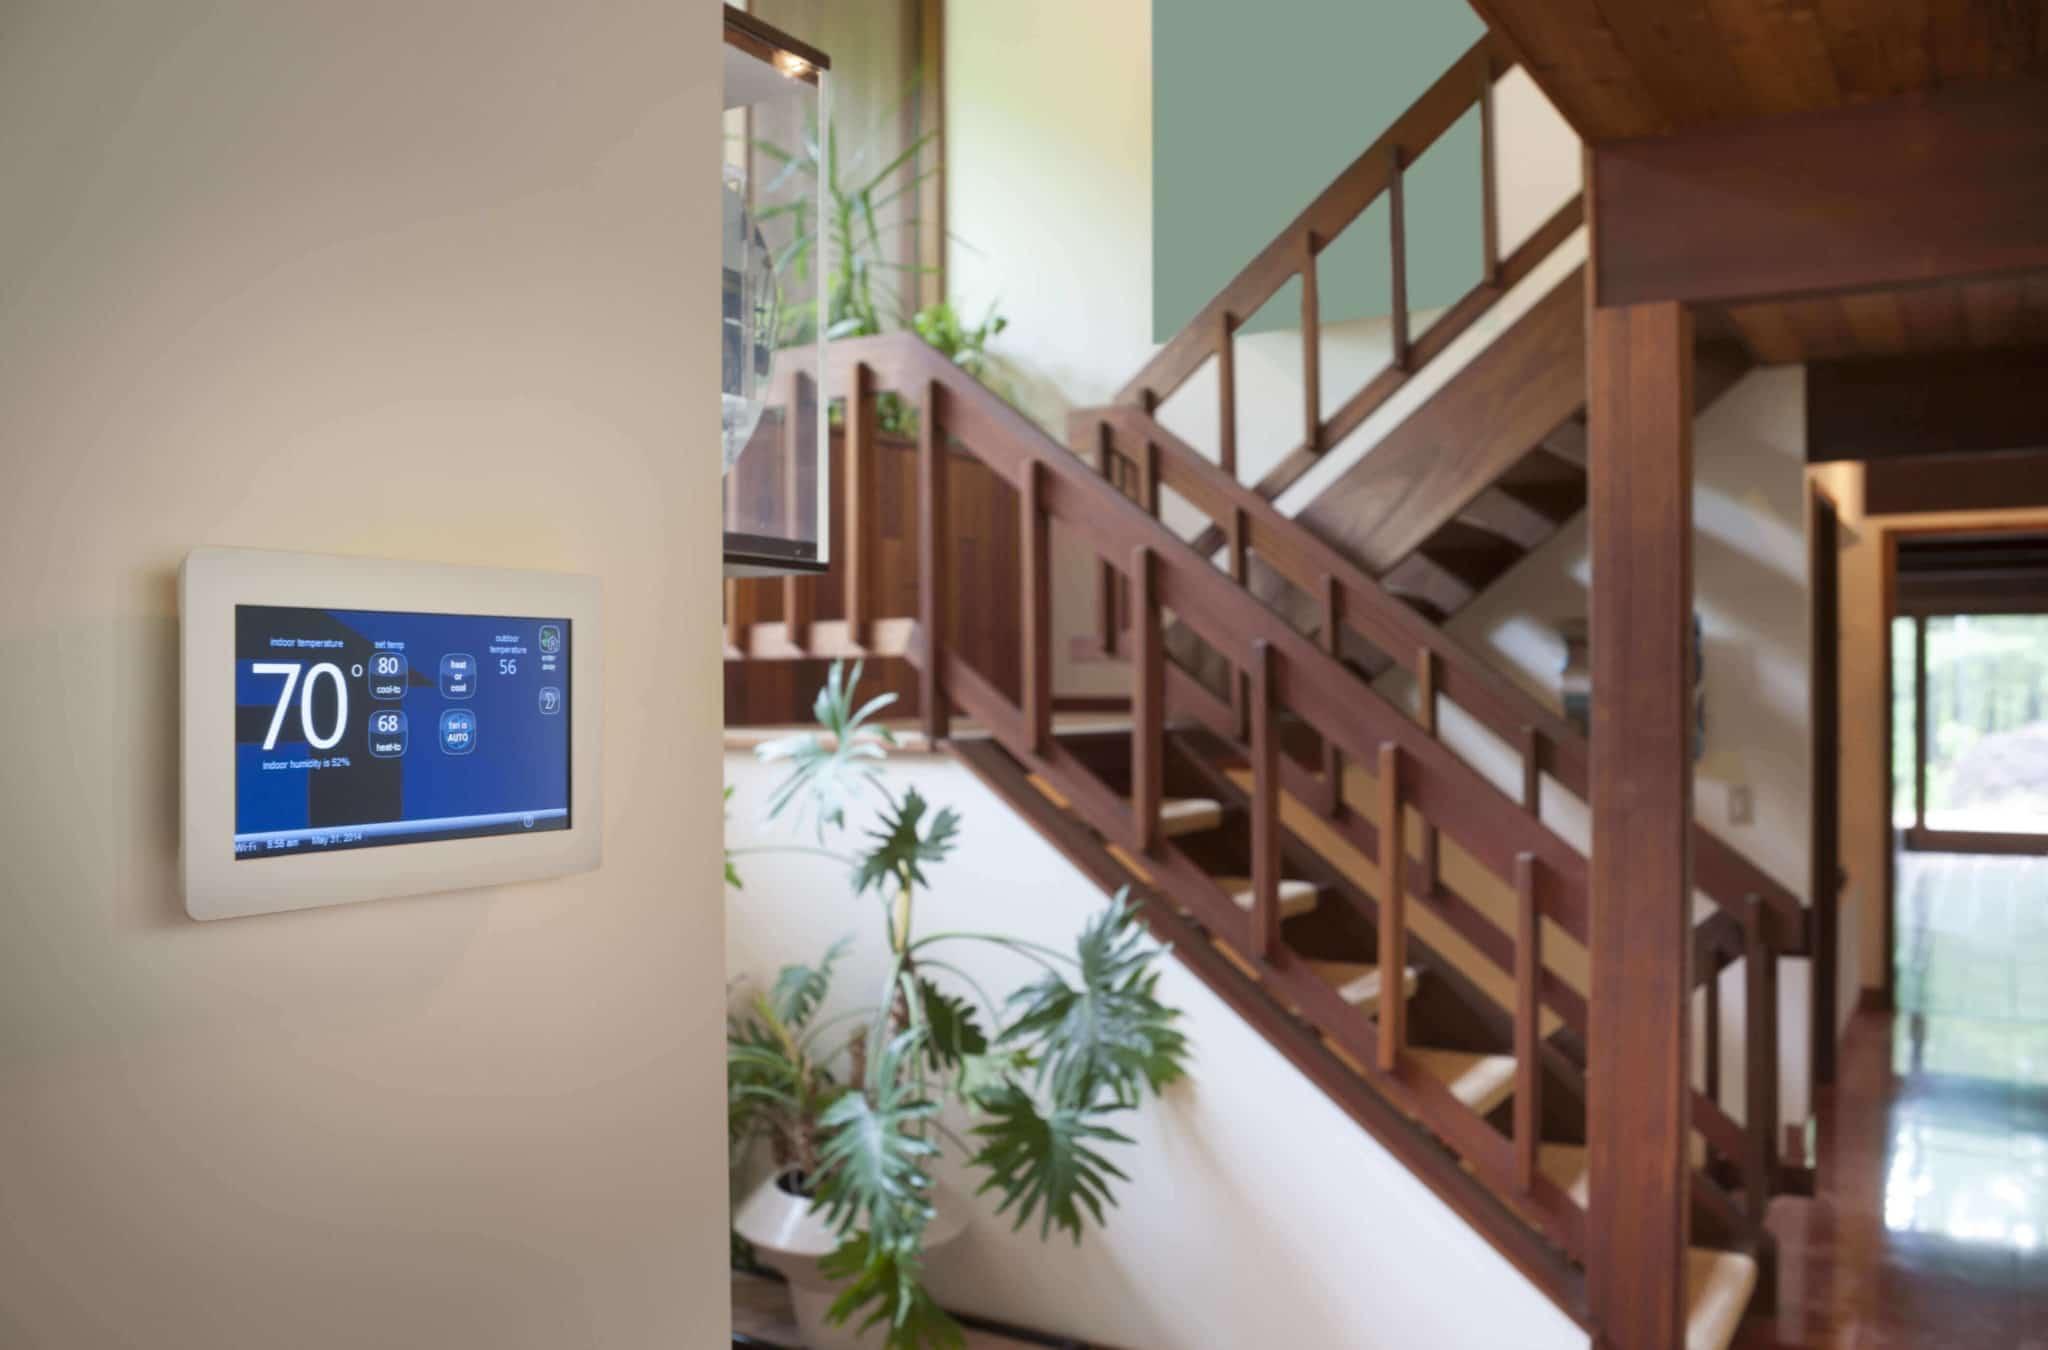 Domótica en el hogar - Control de temperatura